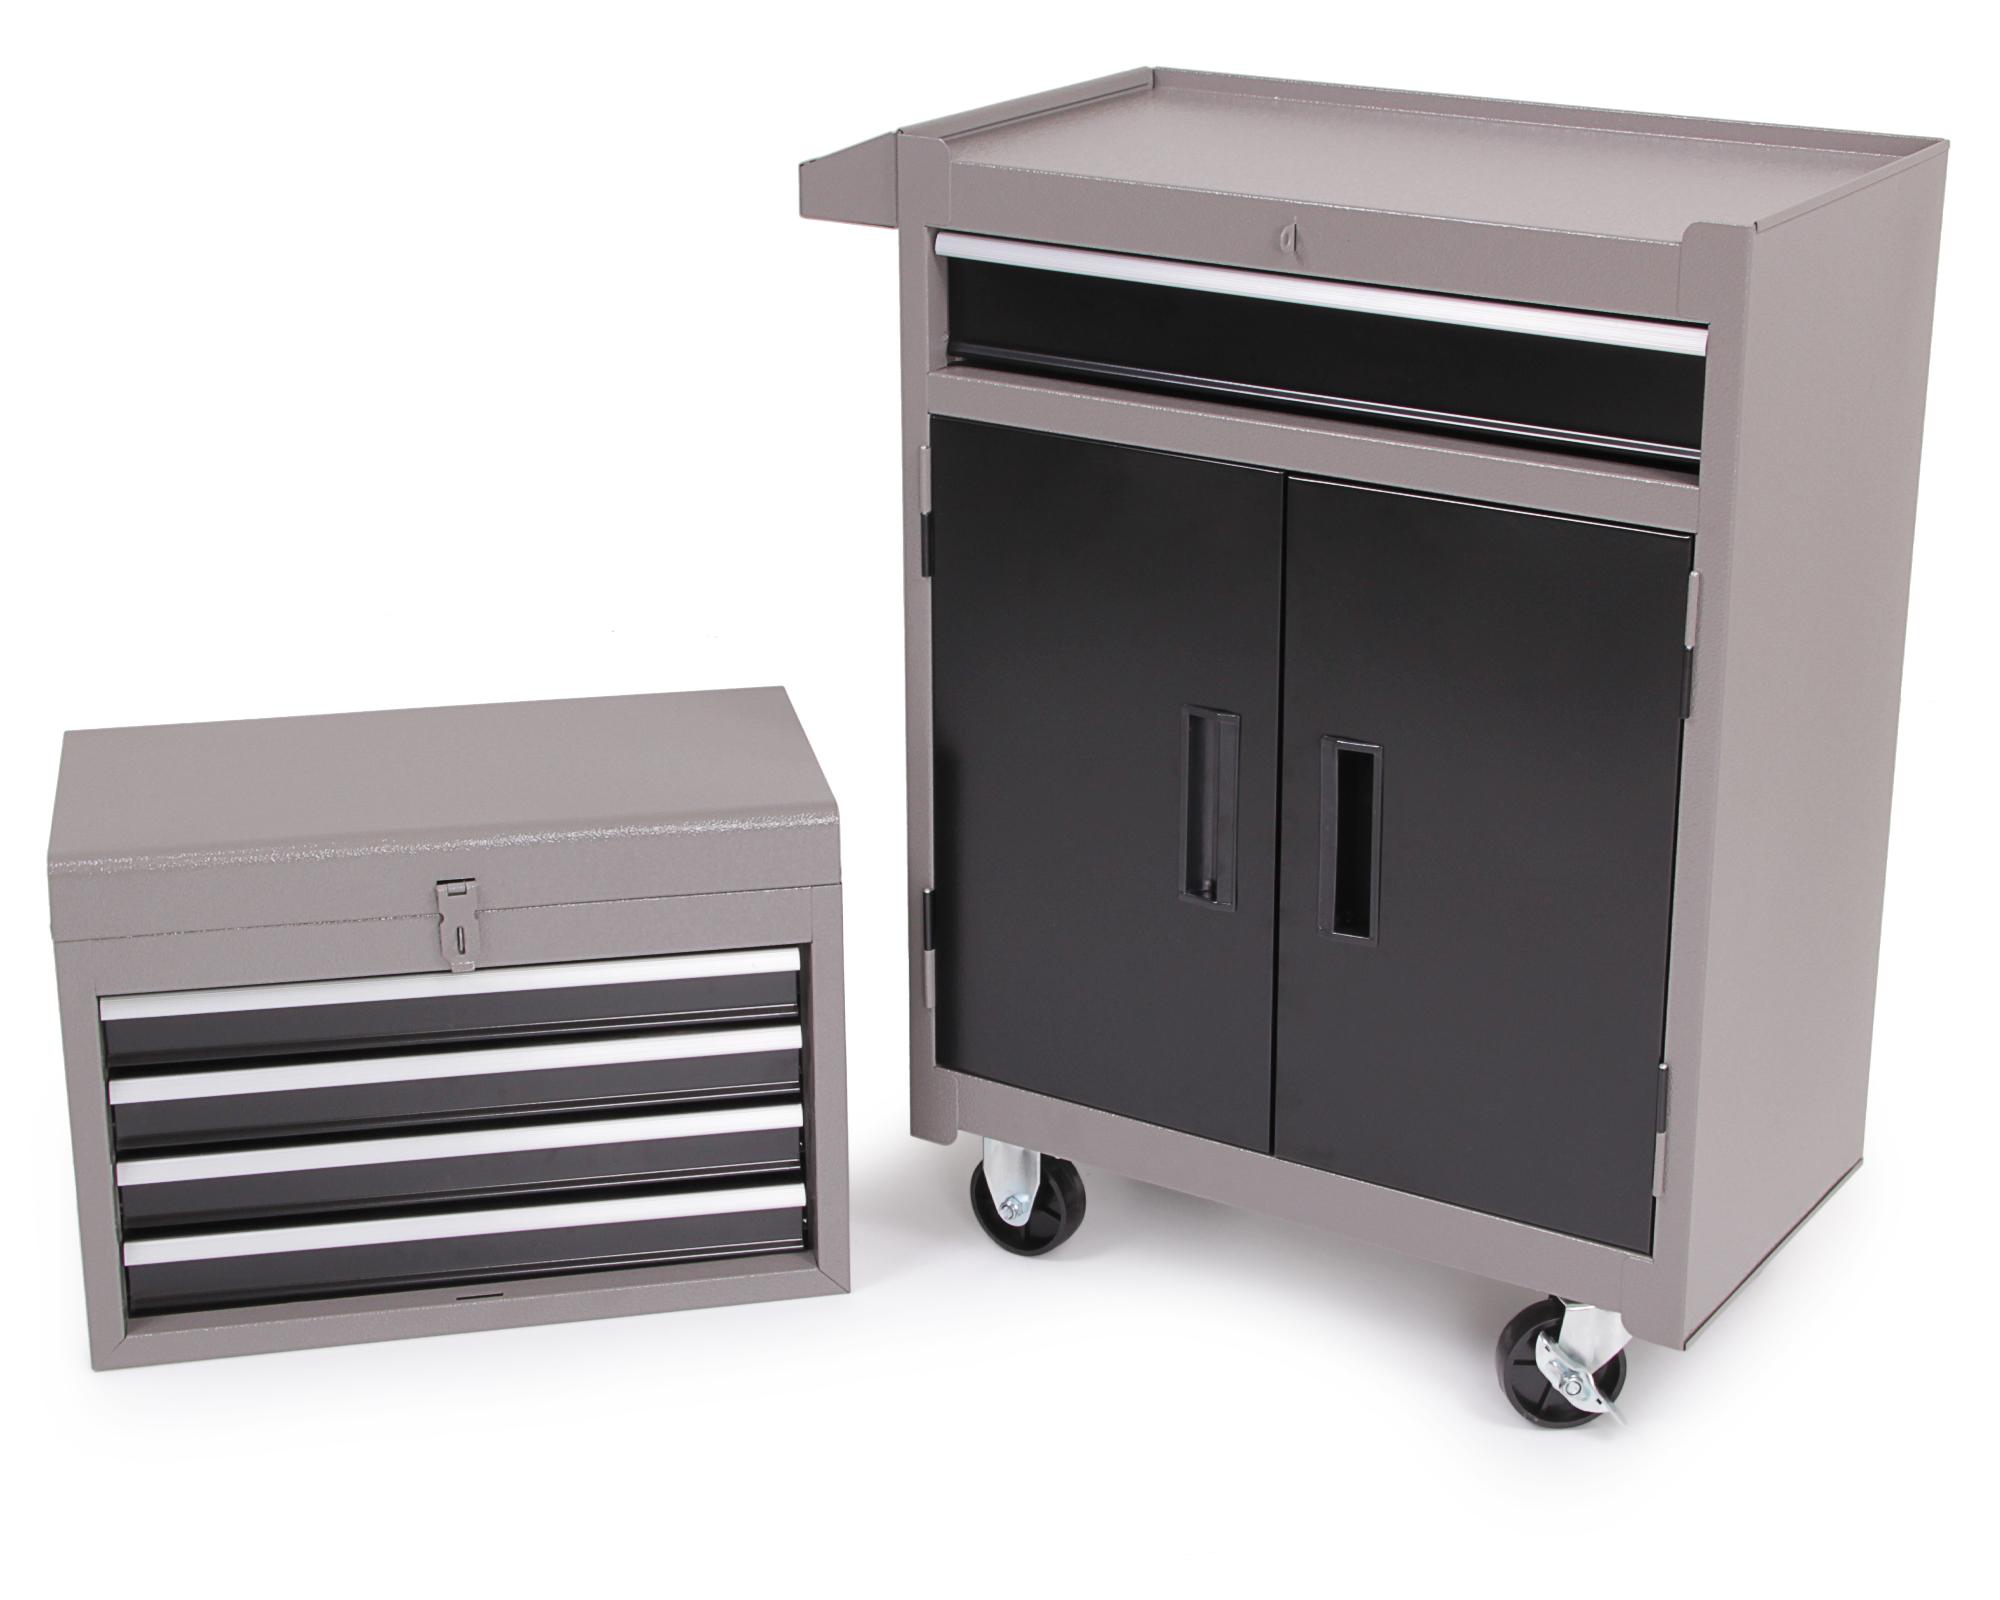 ondis24 werkstattwagen mit werkzeugkoffer g nstig online kaufen. Black Bedroom Furniture Sets. Home Design Ideas